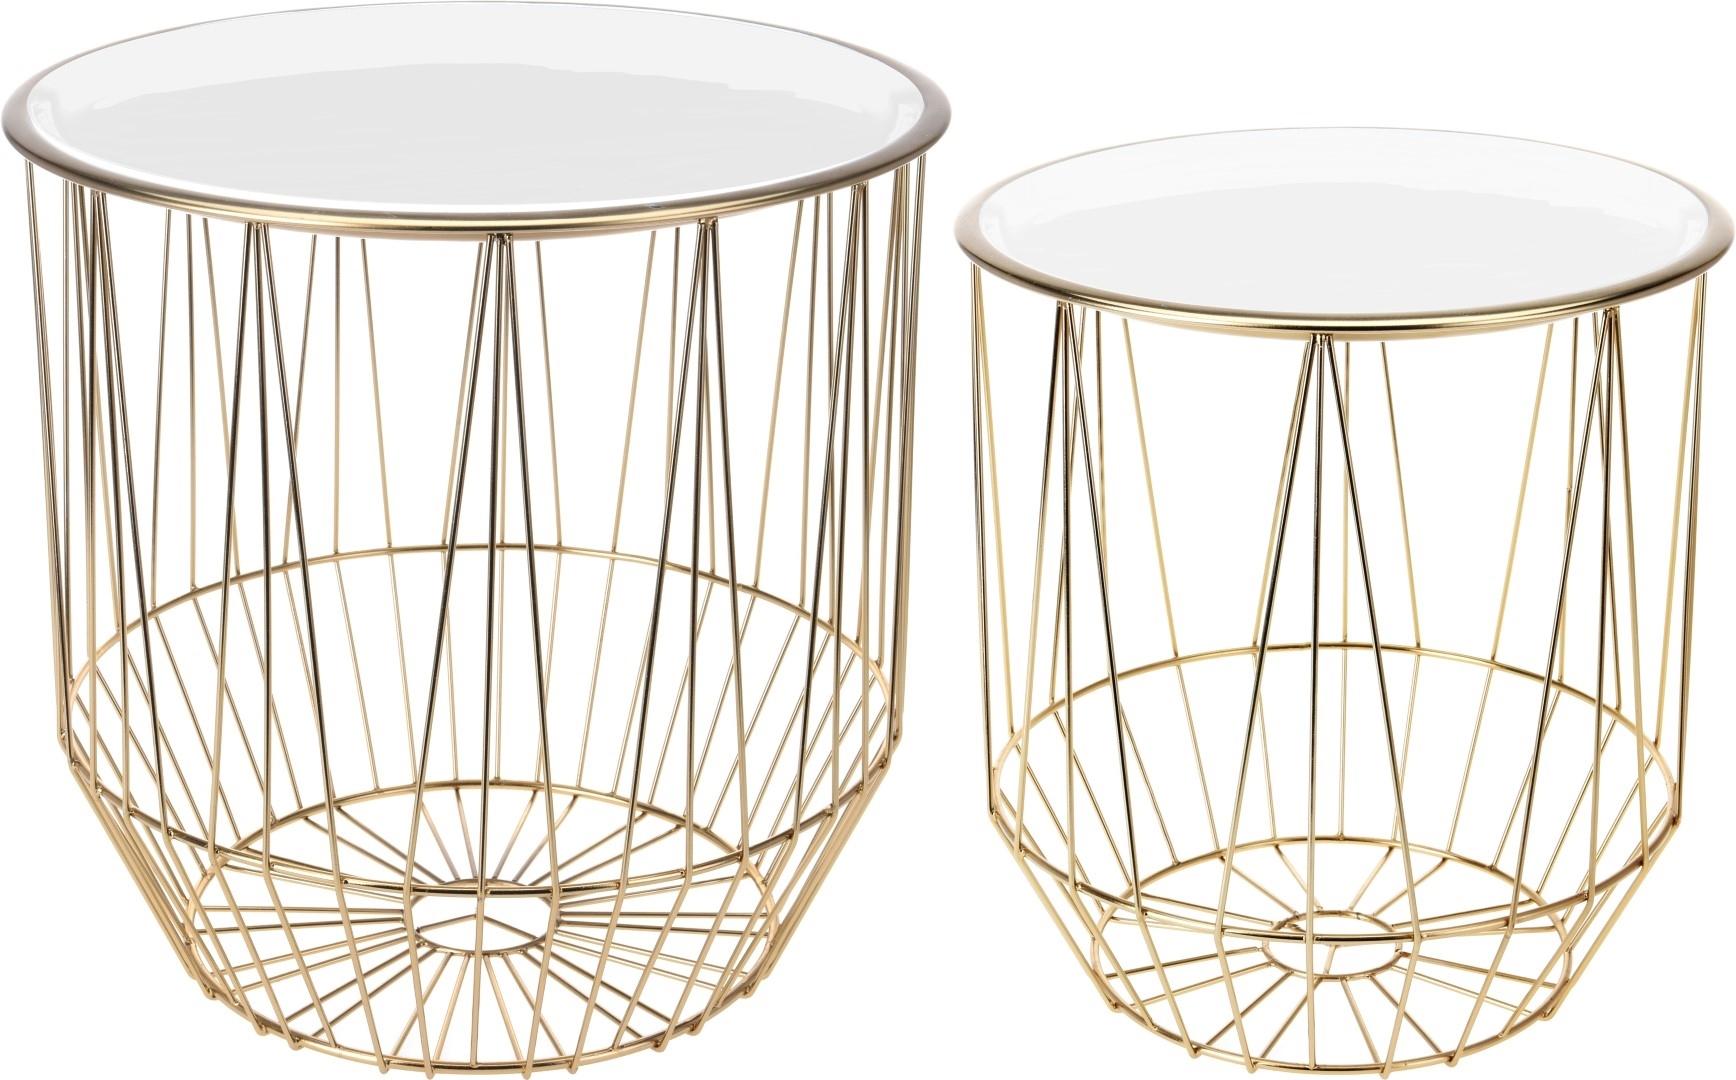 Zestaw stolików Glamour złoty/biały - zdjęcie nr 0